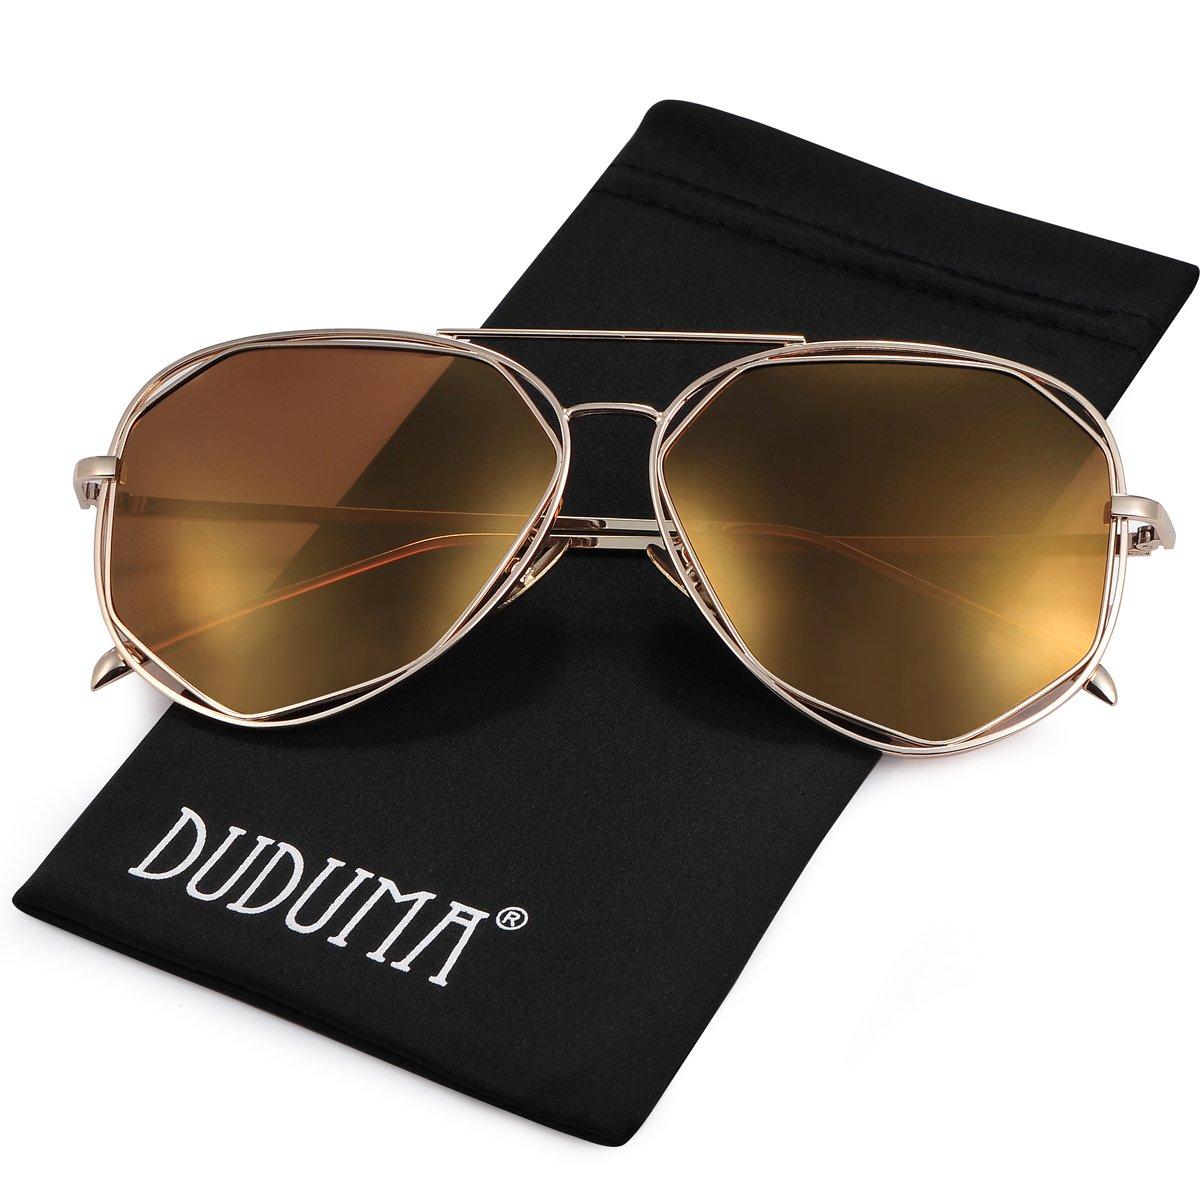 Duduma Gafas de Sol Aviador Polarizadas Manera con Lente Plana y el Marco del Metal Vintage Baratas para Mujeres y Hombres 0713